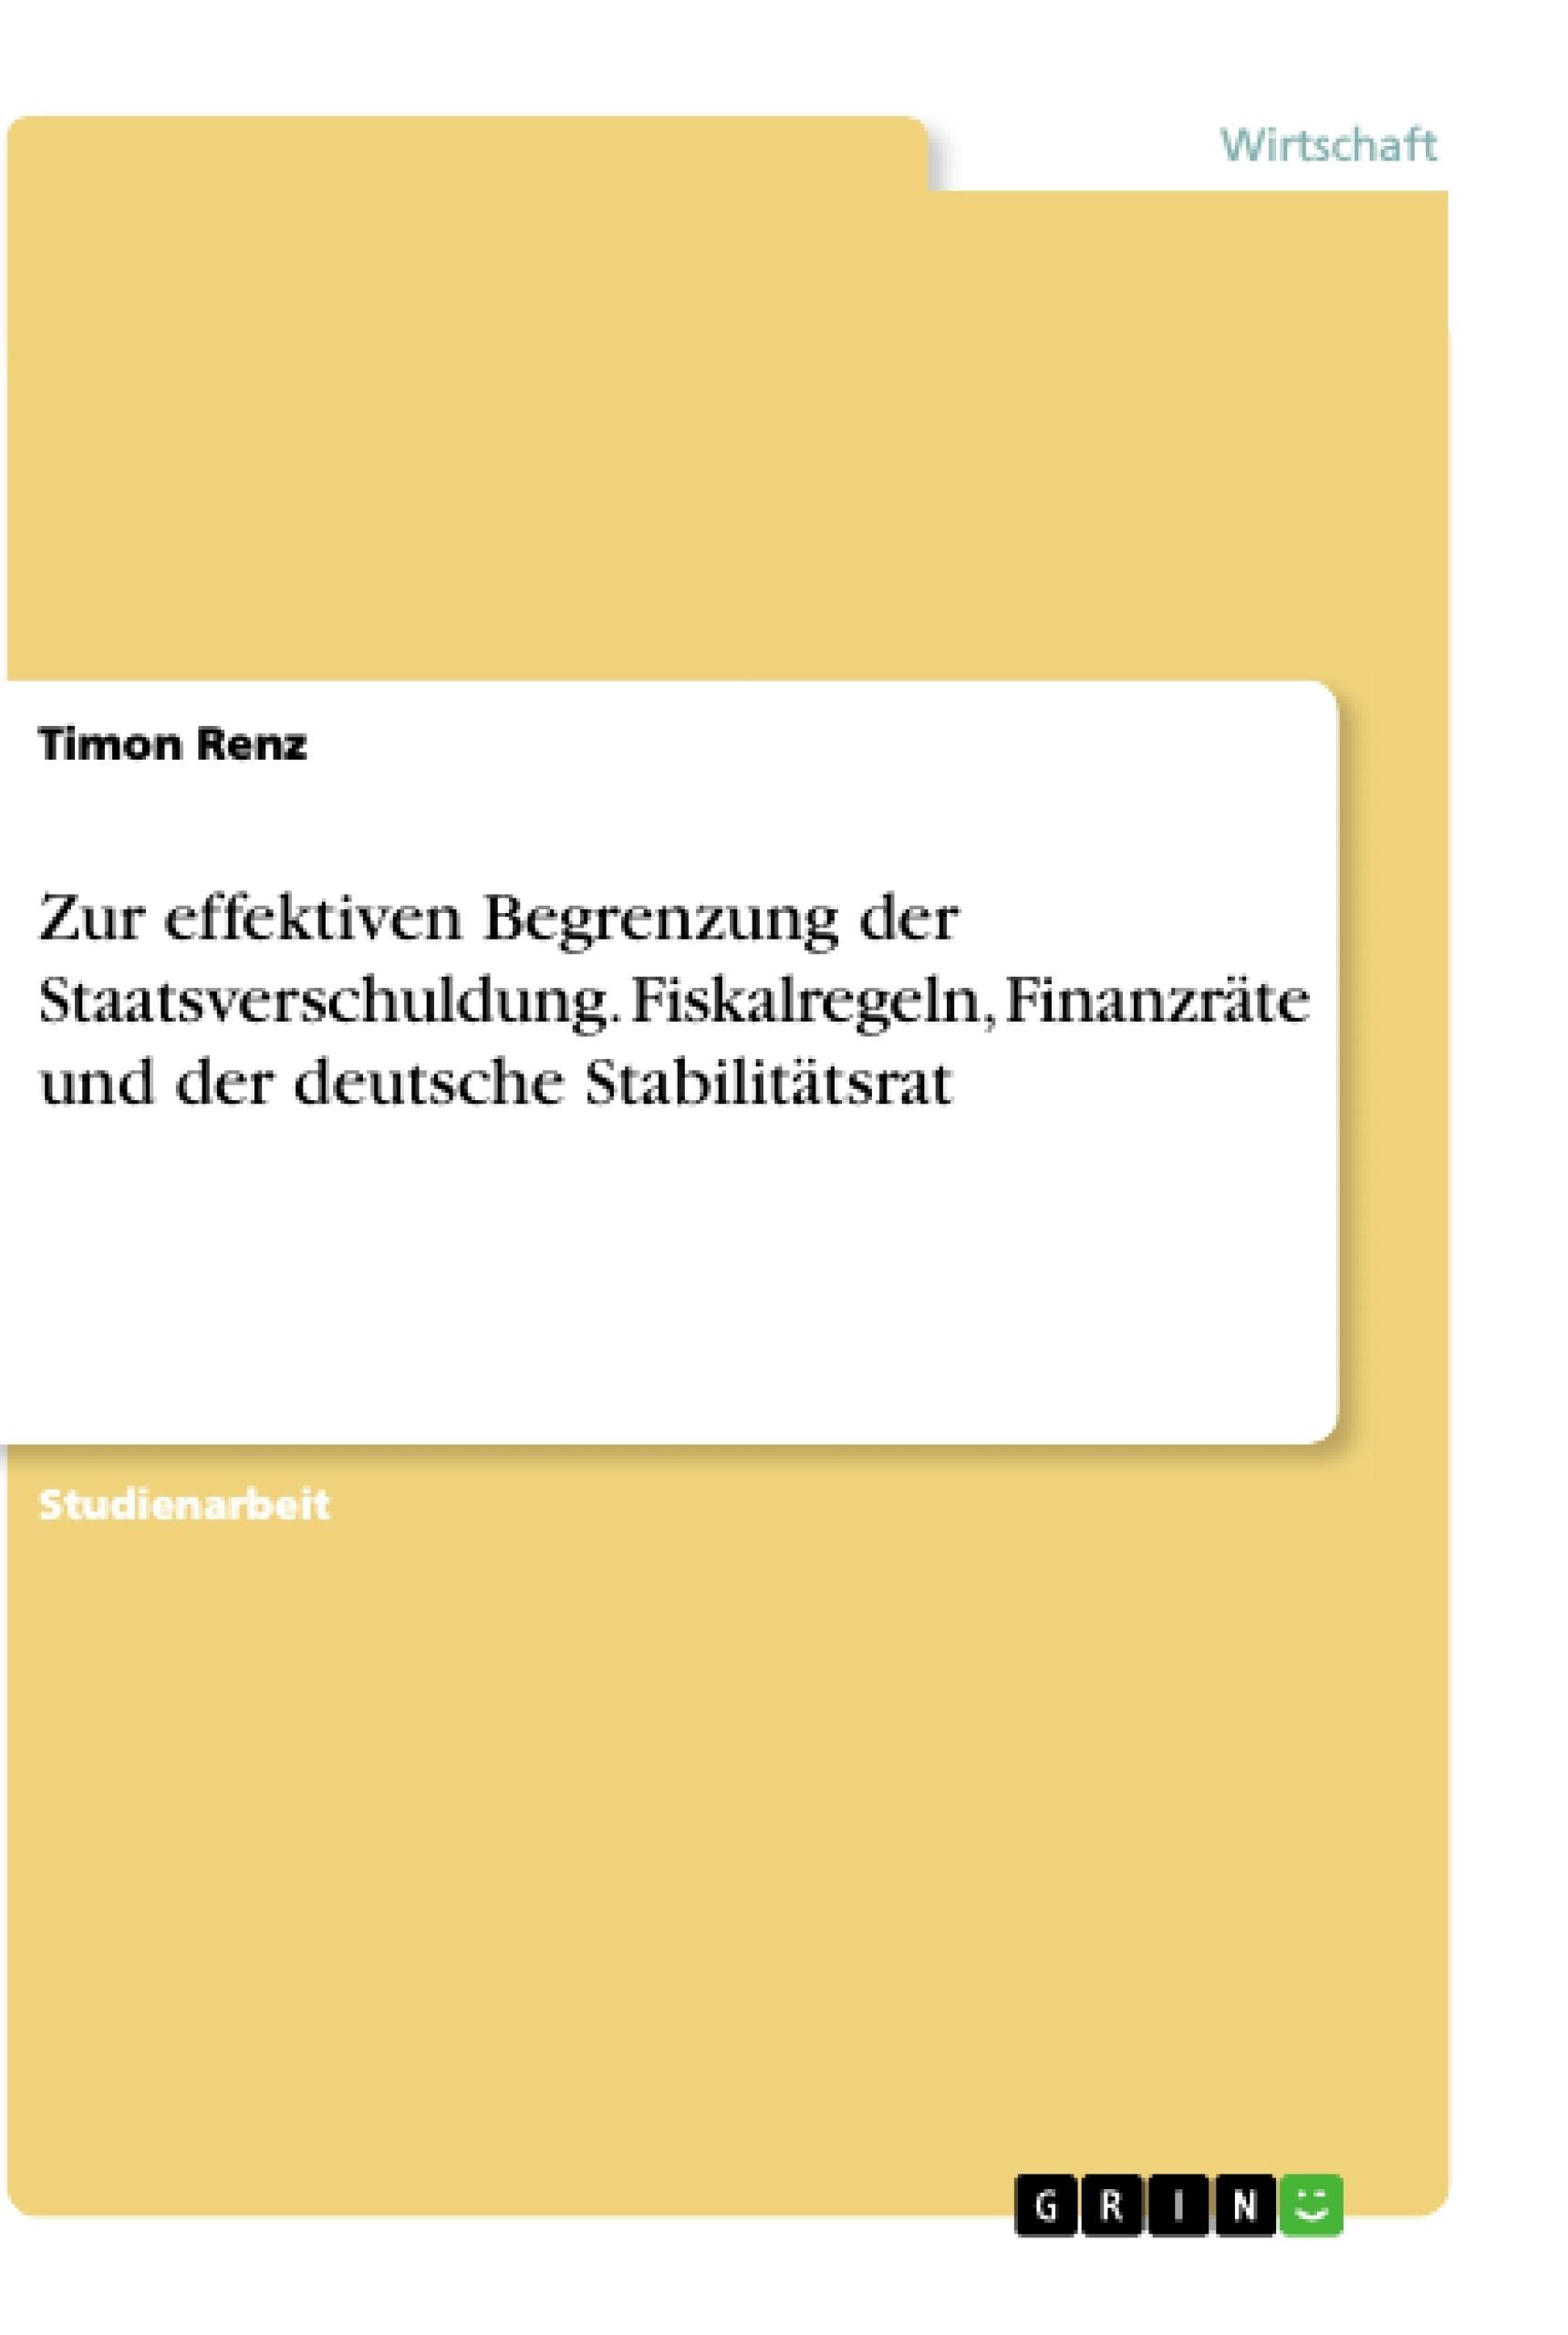 Titel: Zur effektiven Begrenzung der Staatsverschuldung. Fiskalregeln, Finanzräte und der deutsche Stabilitätsrat